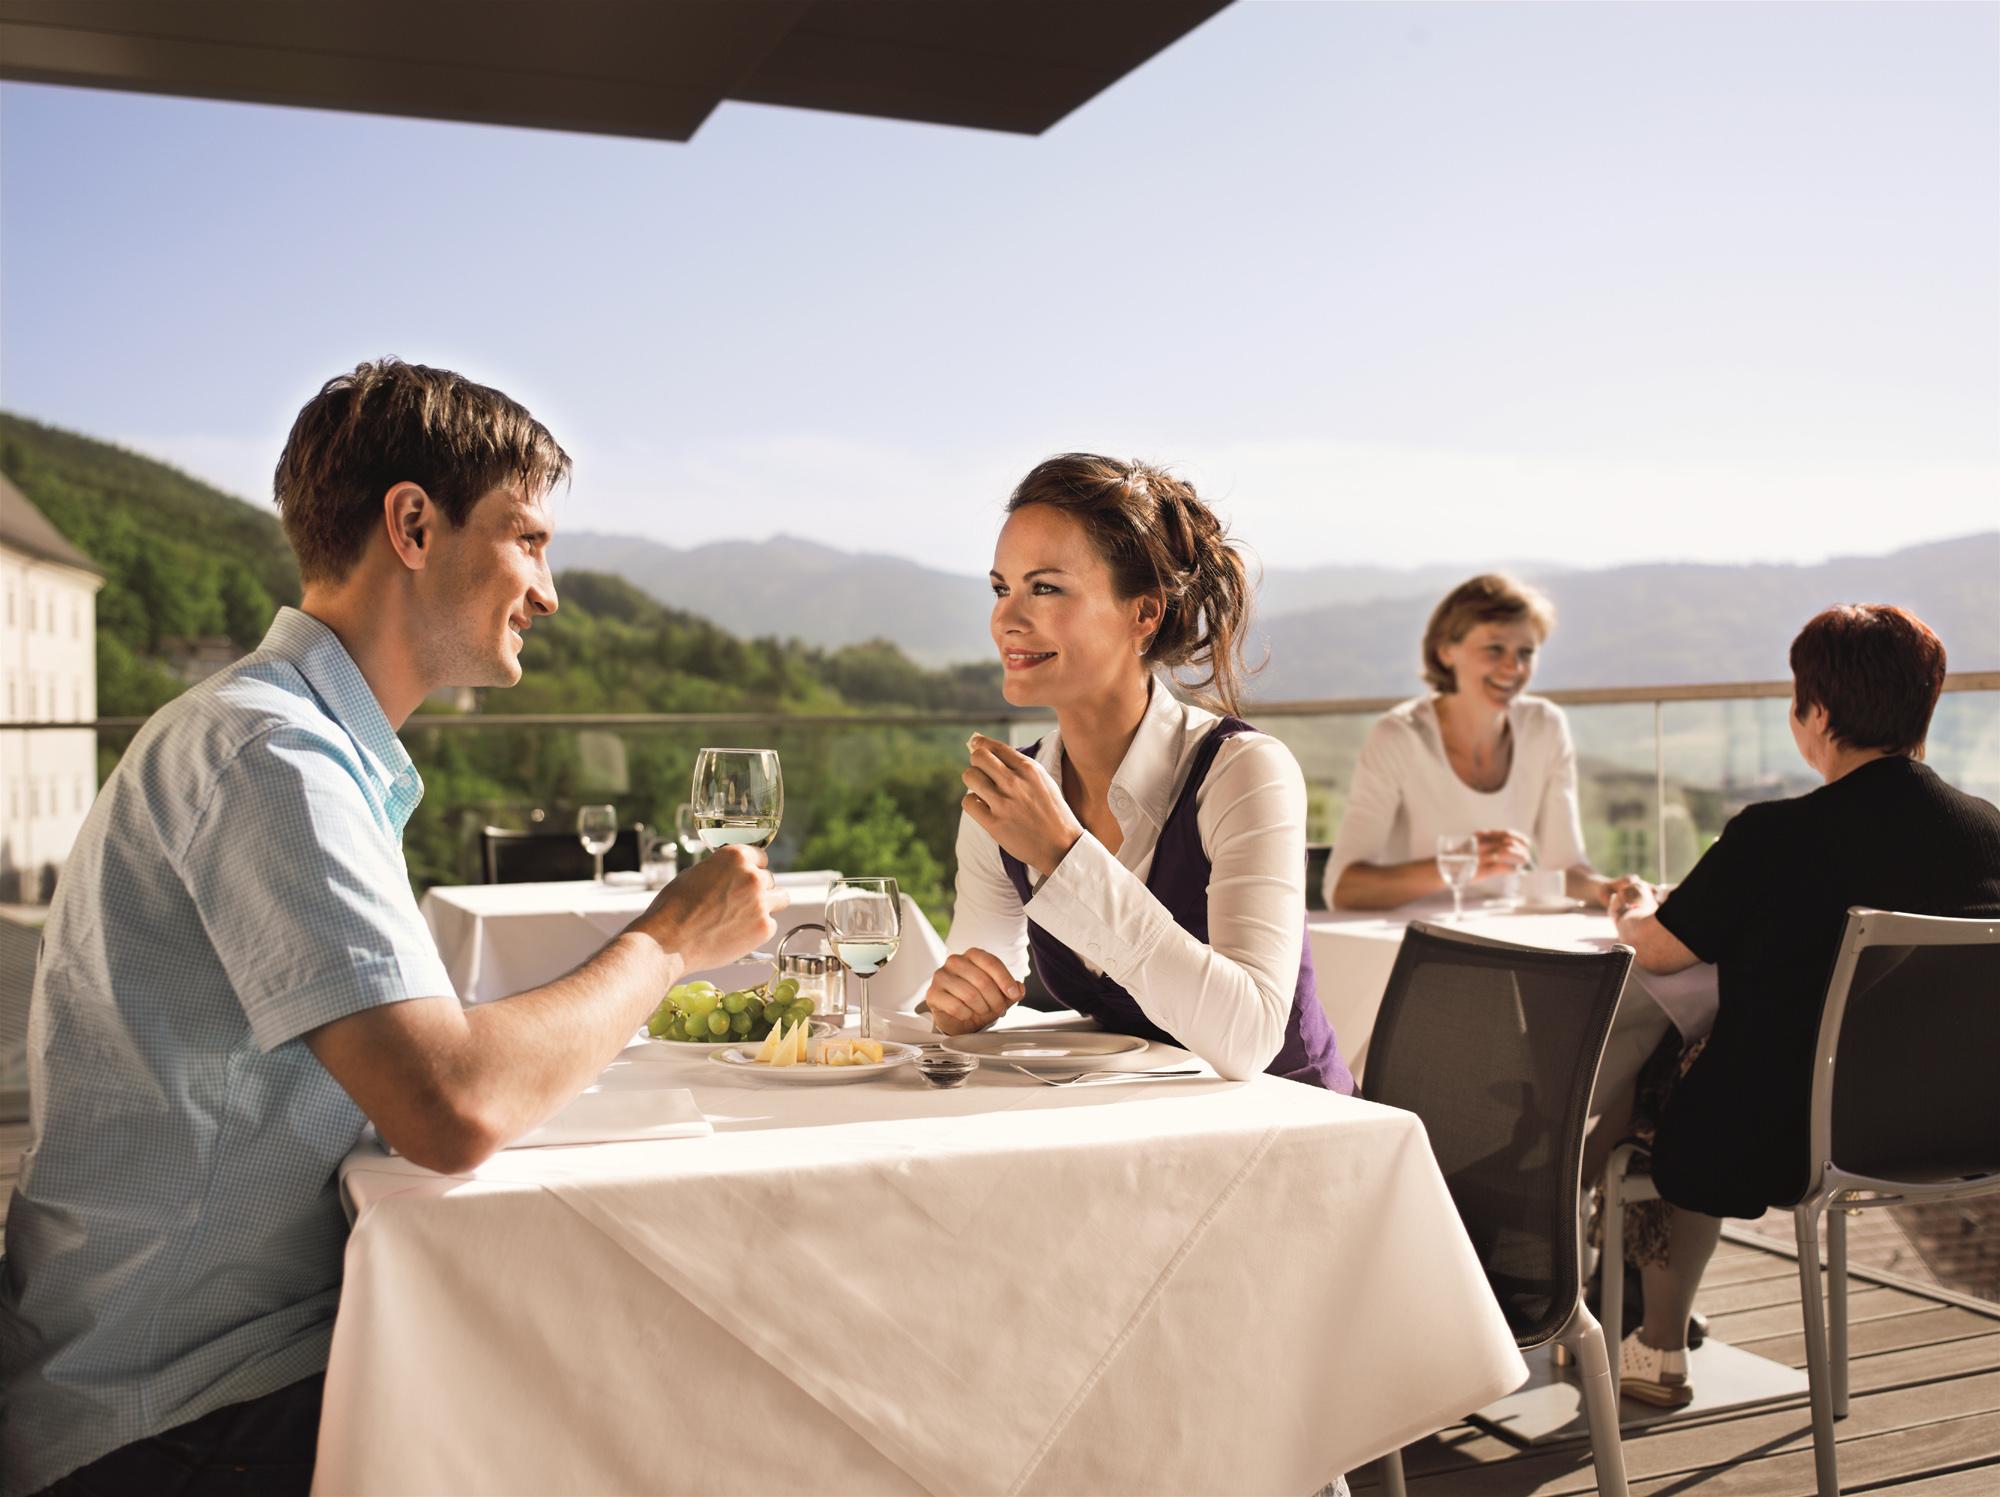 Terrasse @ Genusszentrum Stift Schlierbach / SPES Hotel